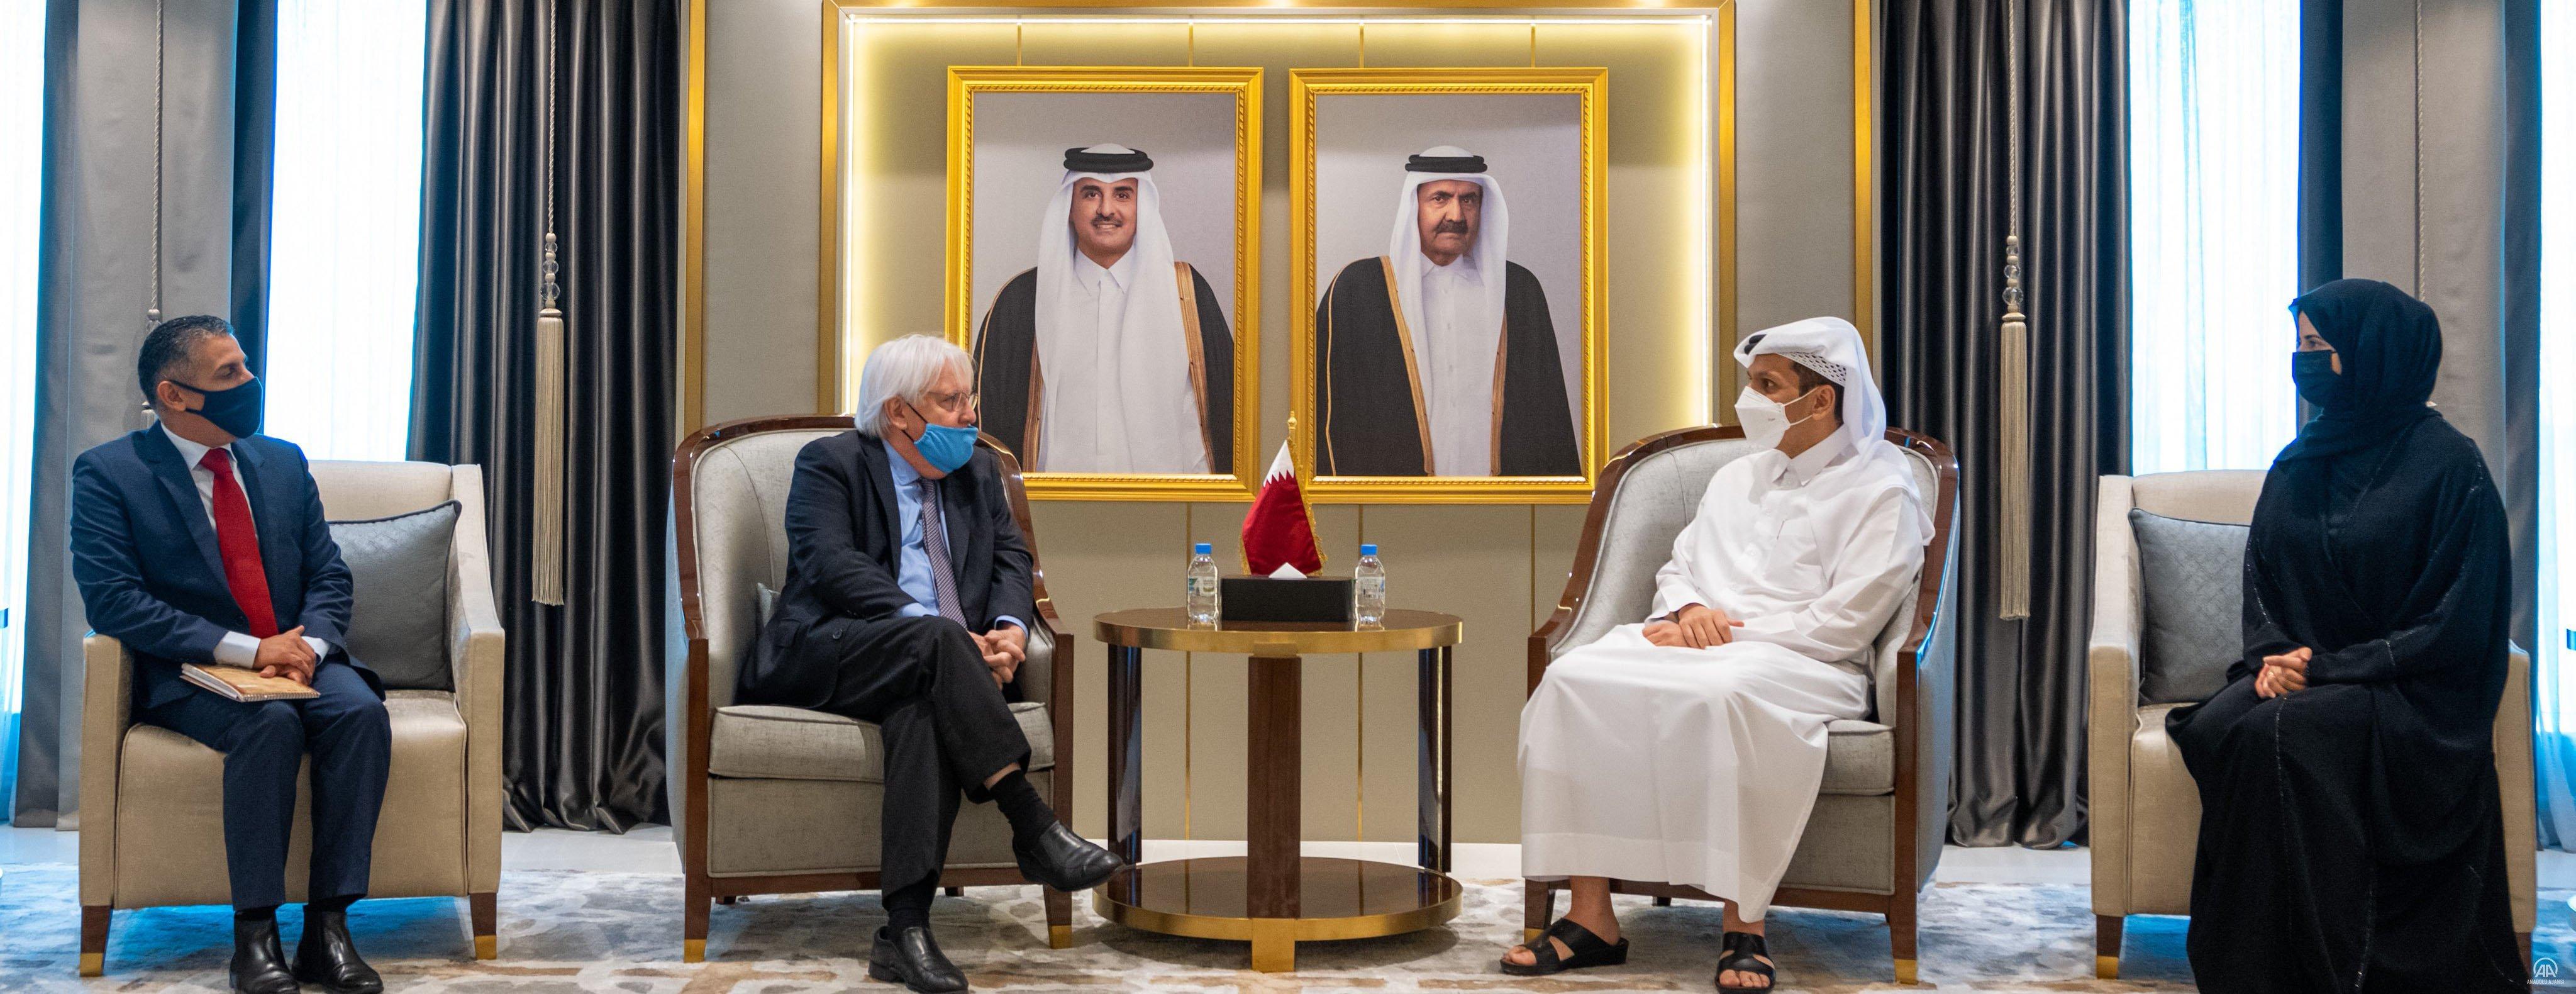 Katar Dışişleri Bakanı Al Sani, BM Acil Yardım Koordinatörü Griffiths ile Afganistan'ı görüştü